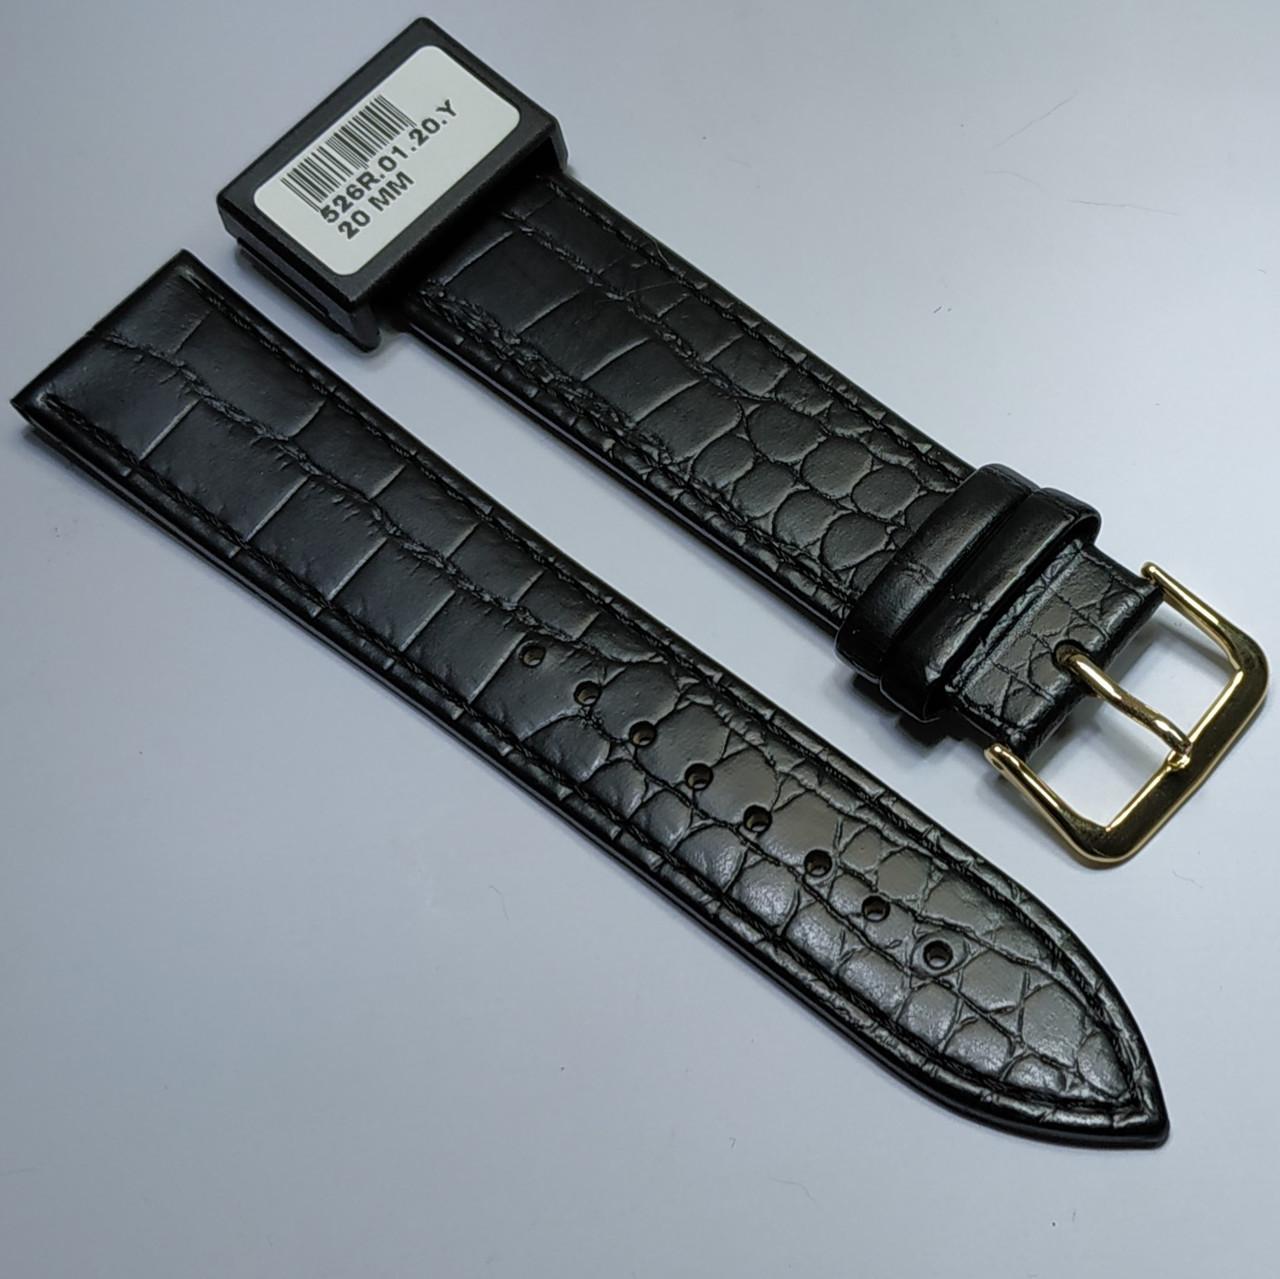 20 мм Кожаный Ремешок для часов CONDOR 526.20.01 Черный Ремешок на часы из Натуральной кожи